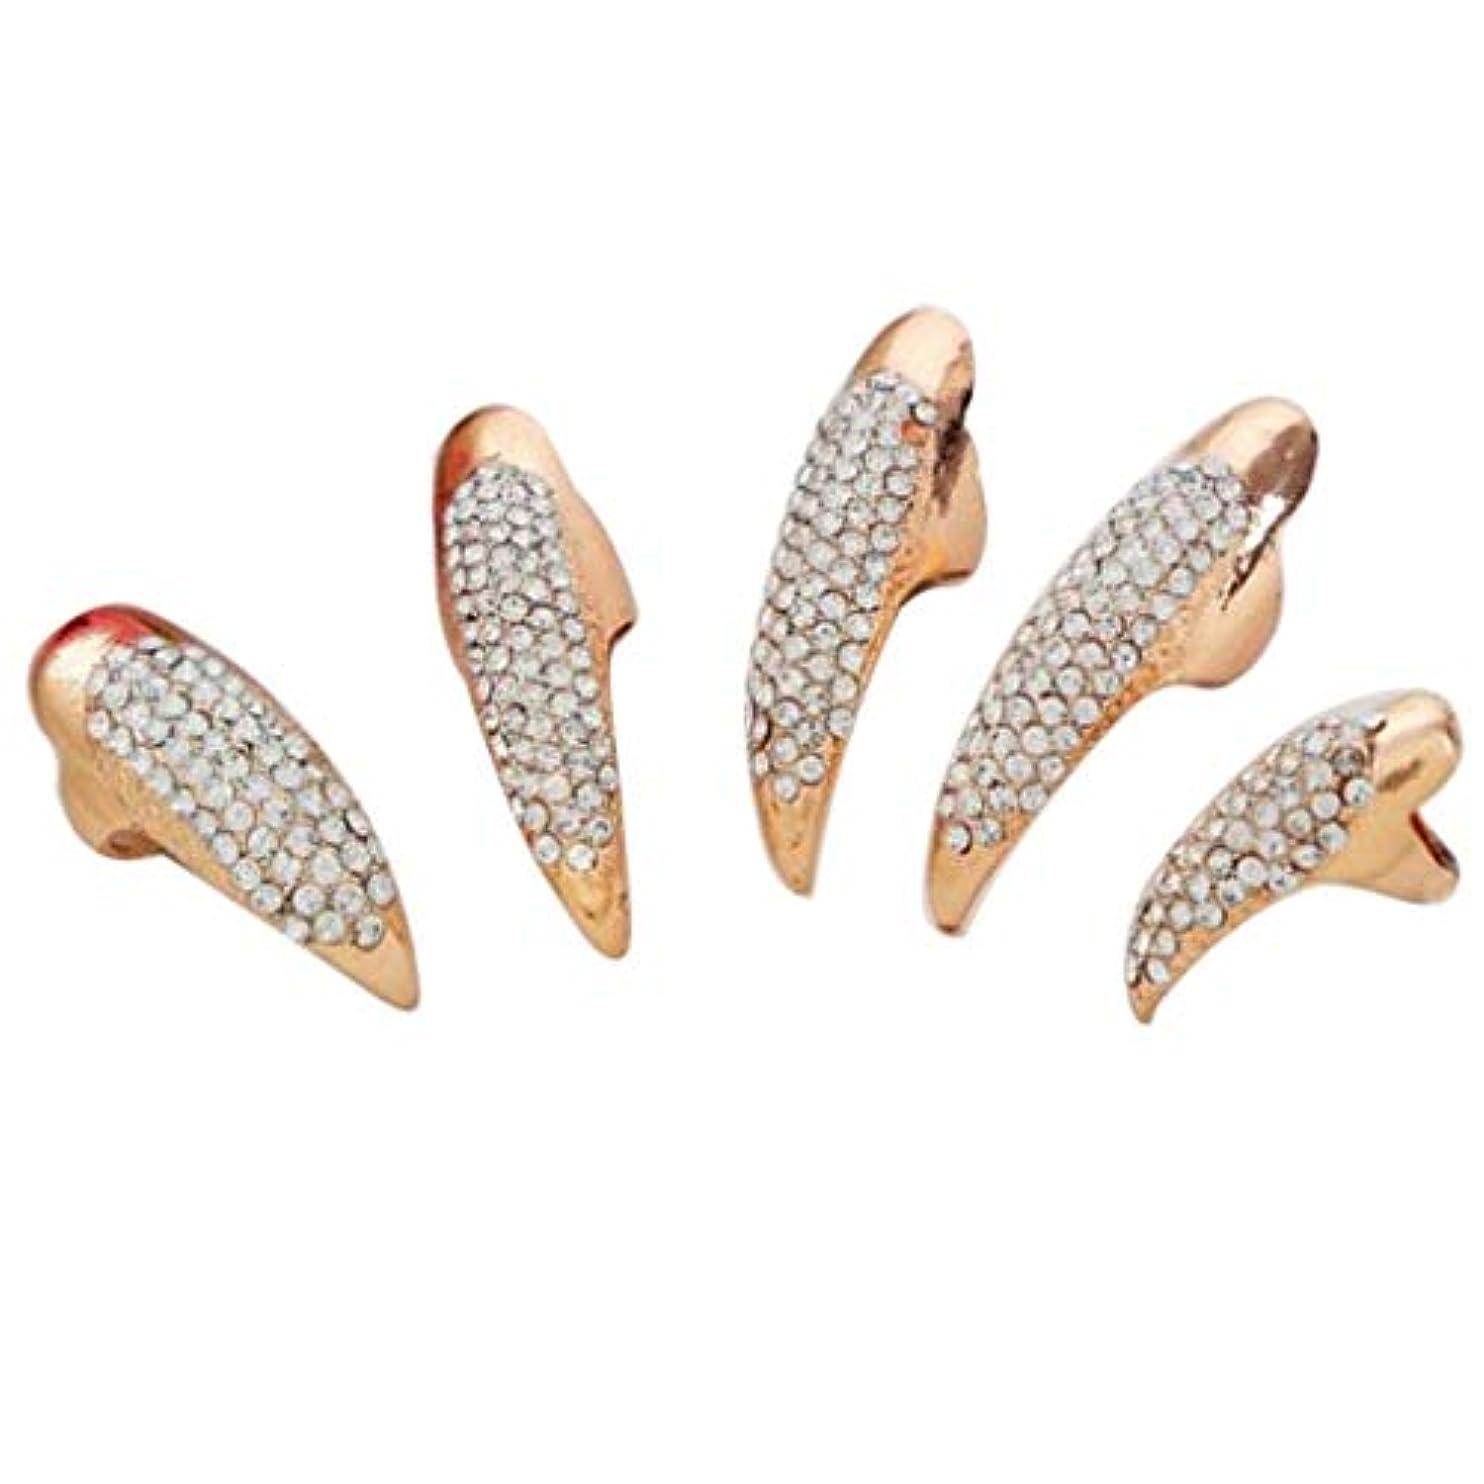 すき前に磁気ネイルアート ネイルリング 爪リング ネイルチップ 指先 爪の指輪 キラキラ 2色選べ - ゴールデン